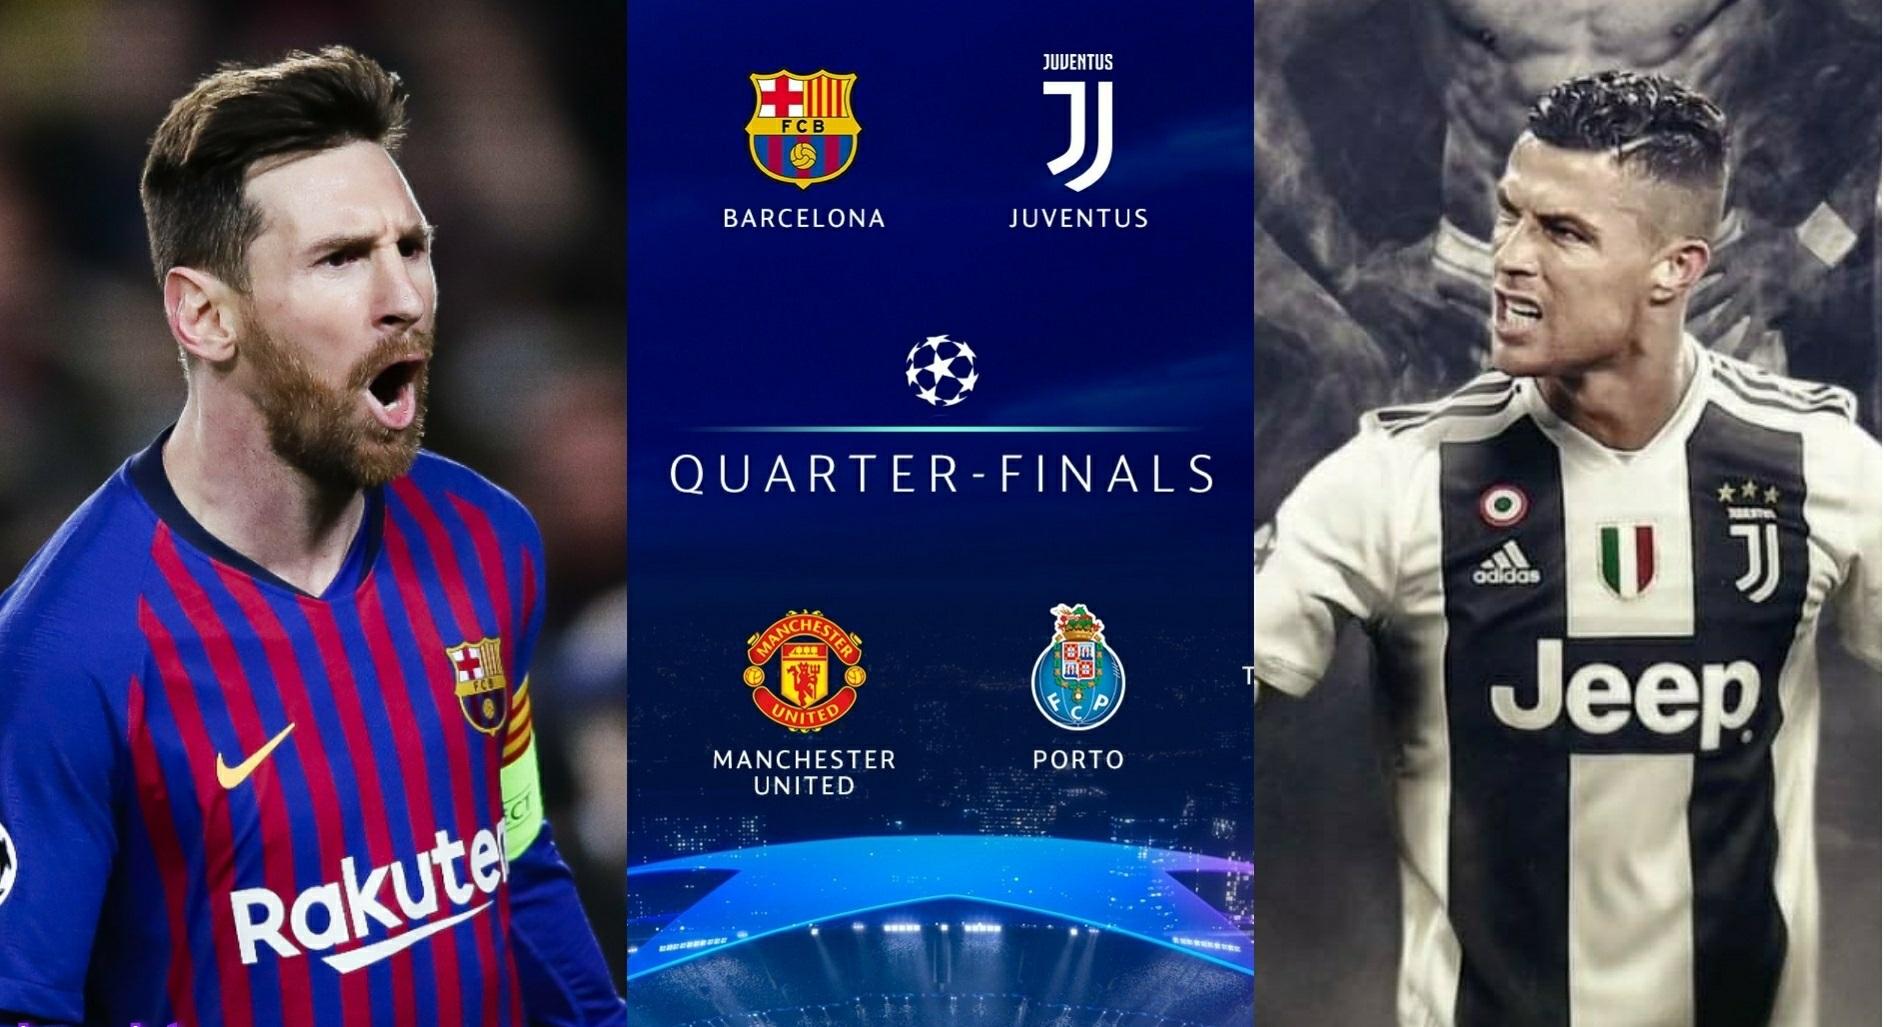 قرعهکشی مرحله یک چهارم نهایی لیگ قهرمانان اروپا و مسابقات رویایی تا فینال متروپولیتانو